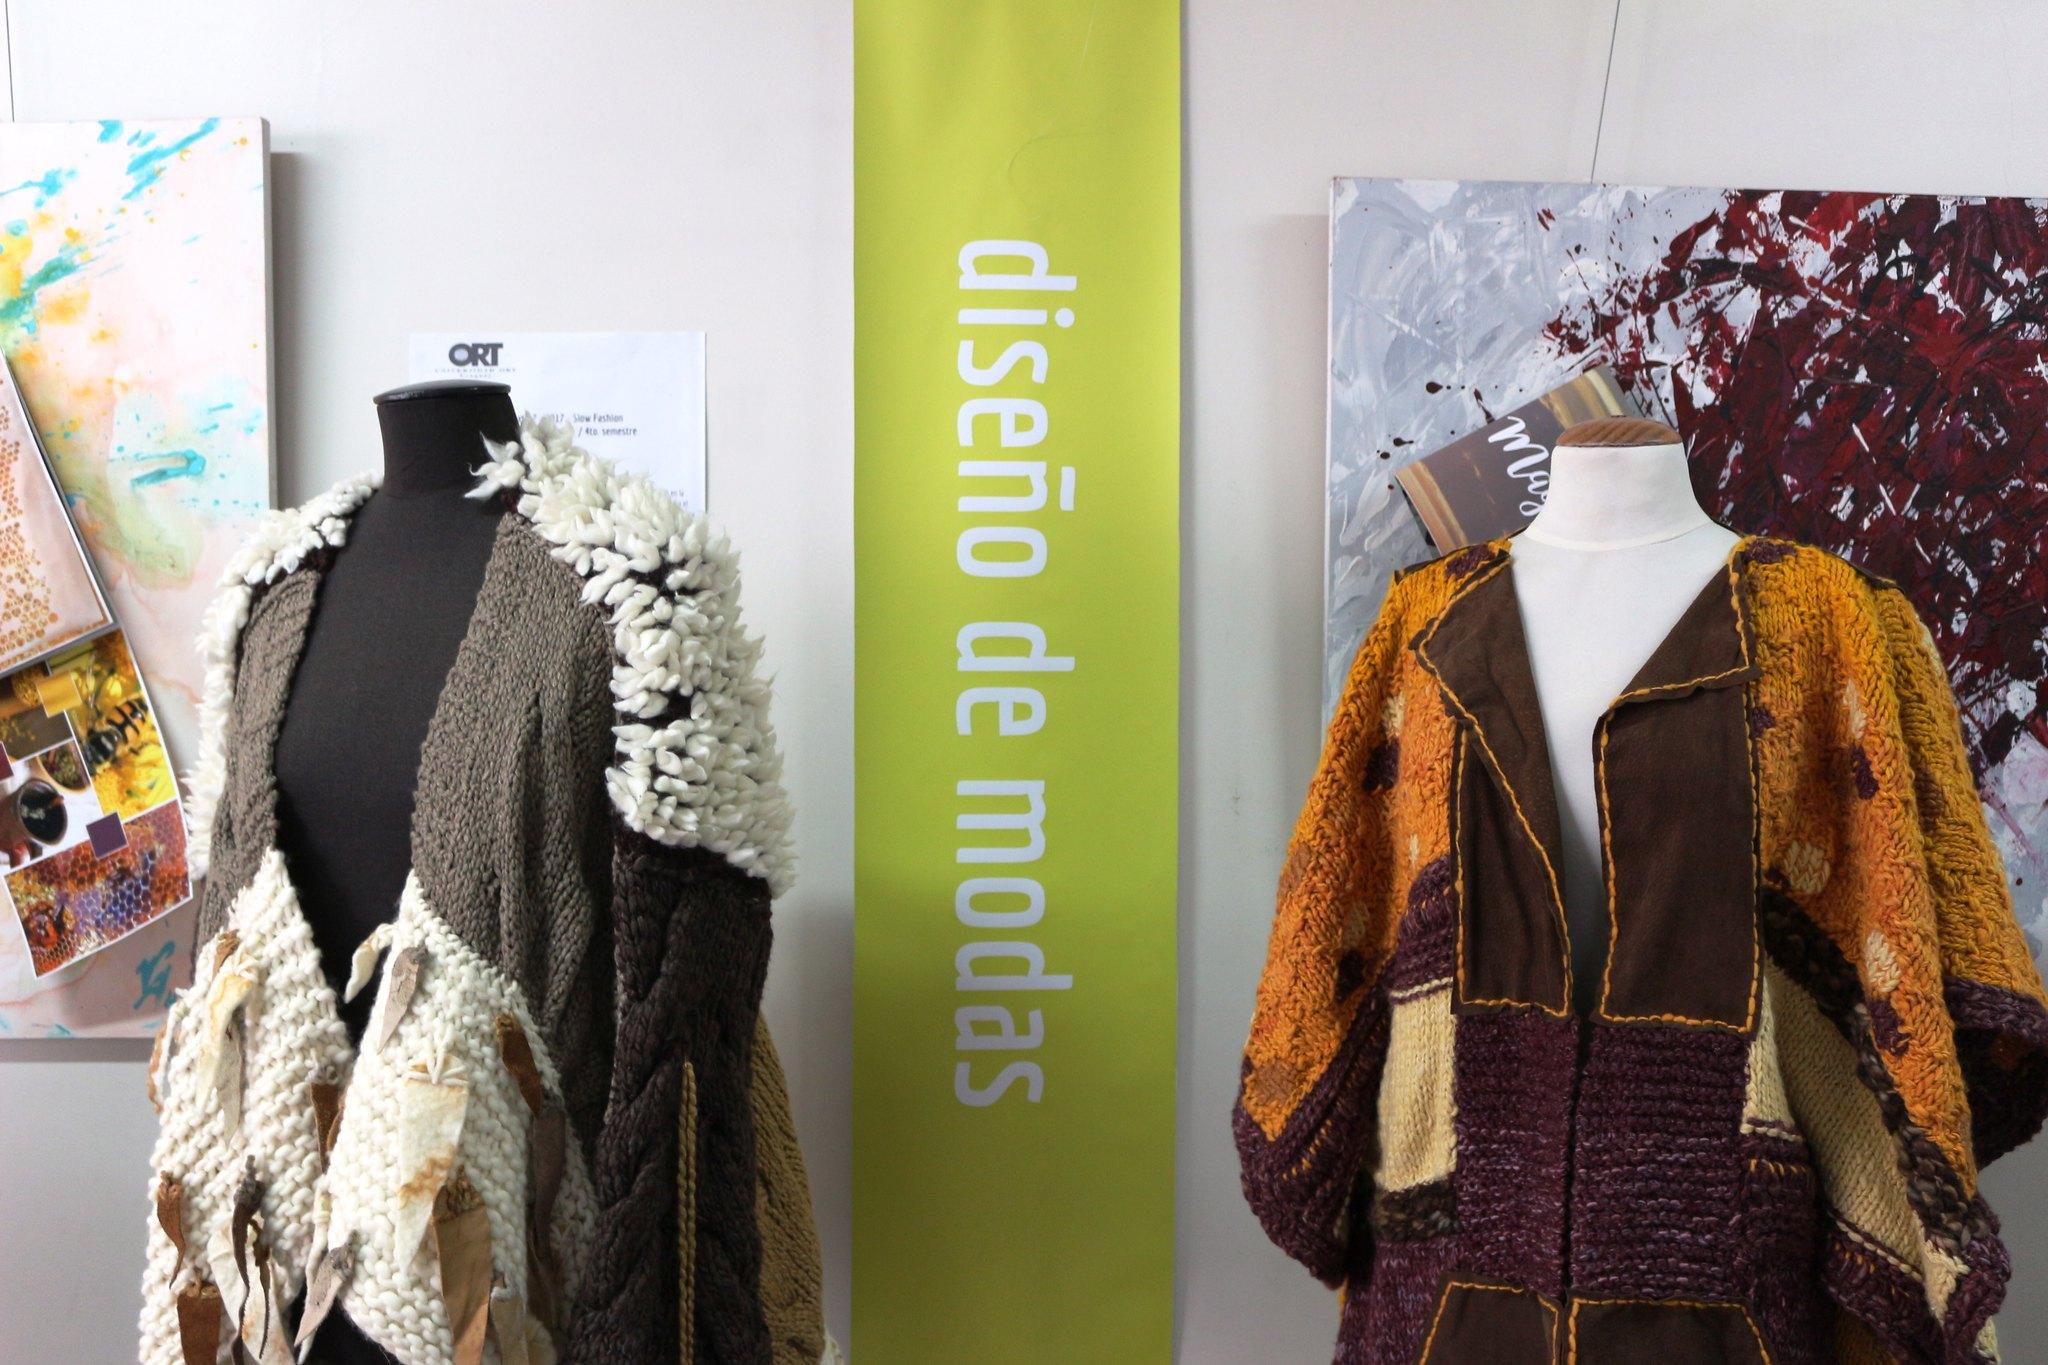 Exposición Diseño de Modas (Slow Fashion) - julio 2018